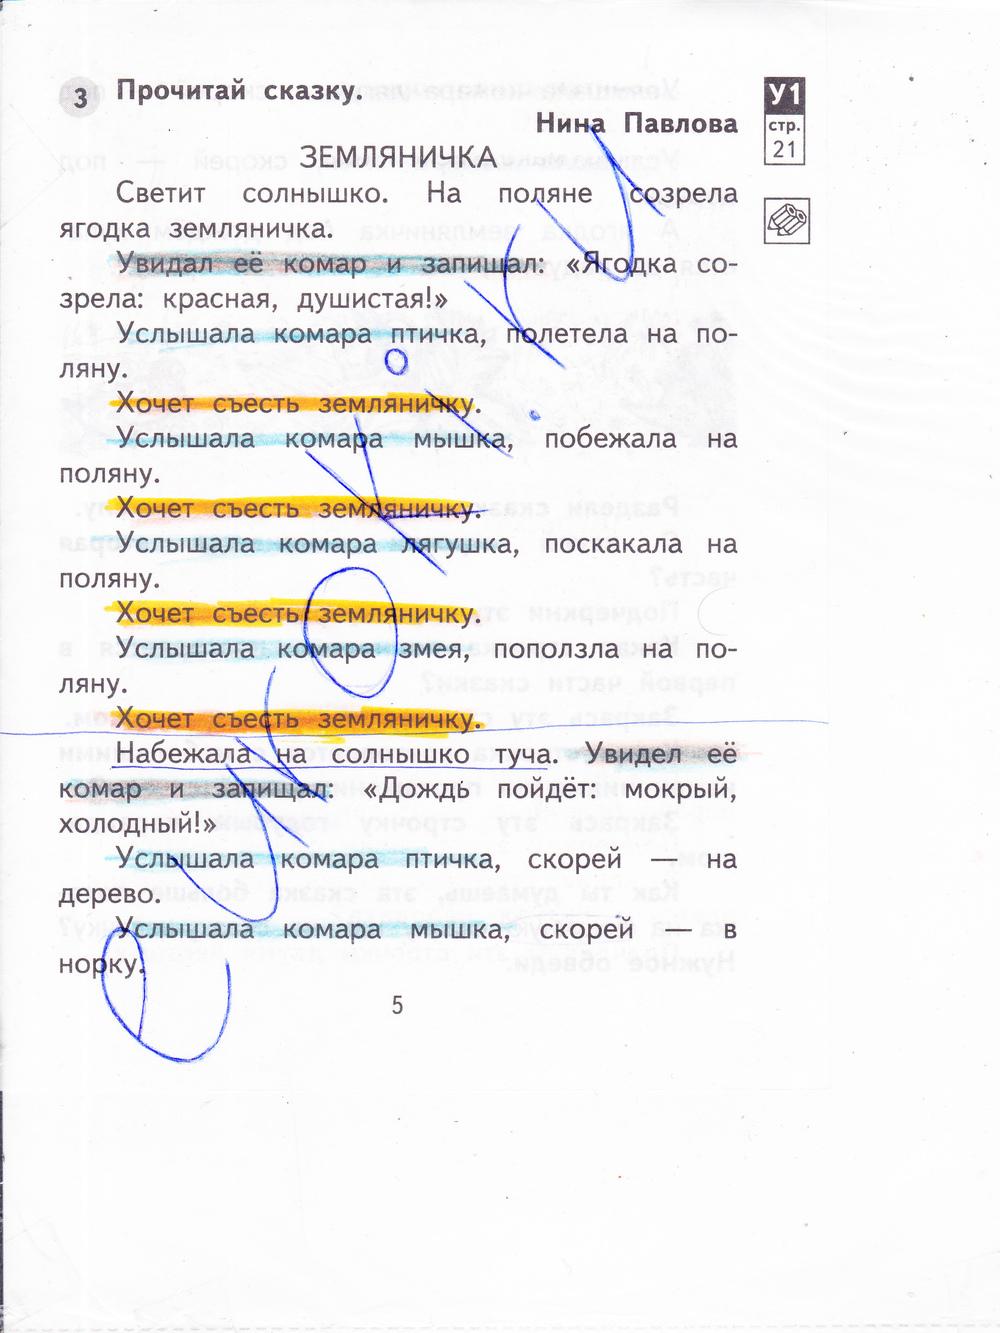 ГДЗ по литературному чтению 2 класс рабочая тетрадь Малаховская Часть 1, 2. Задание: стр. 5